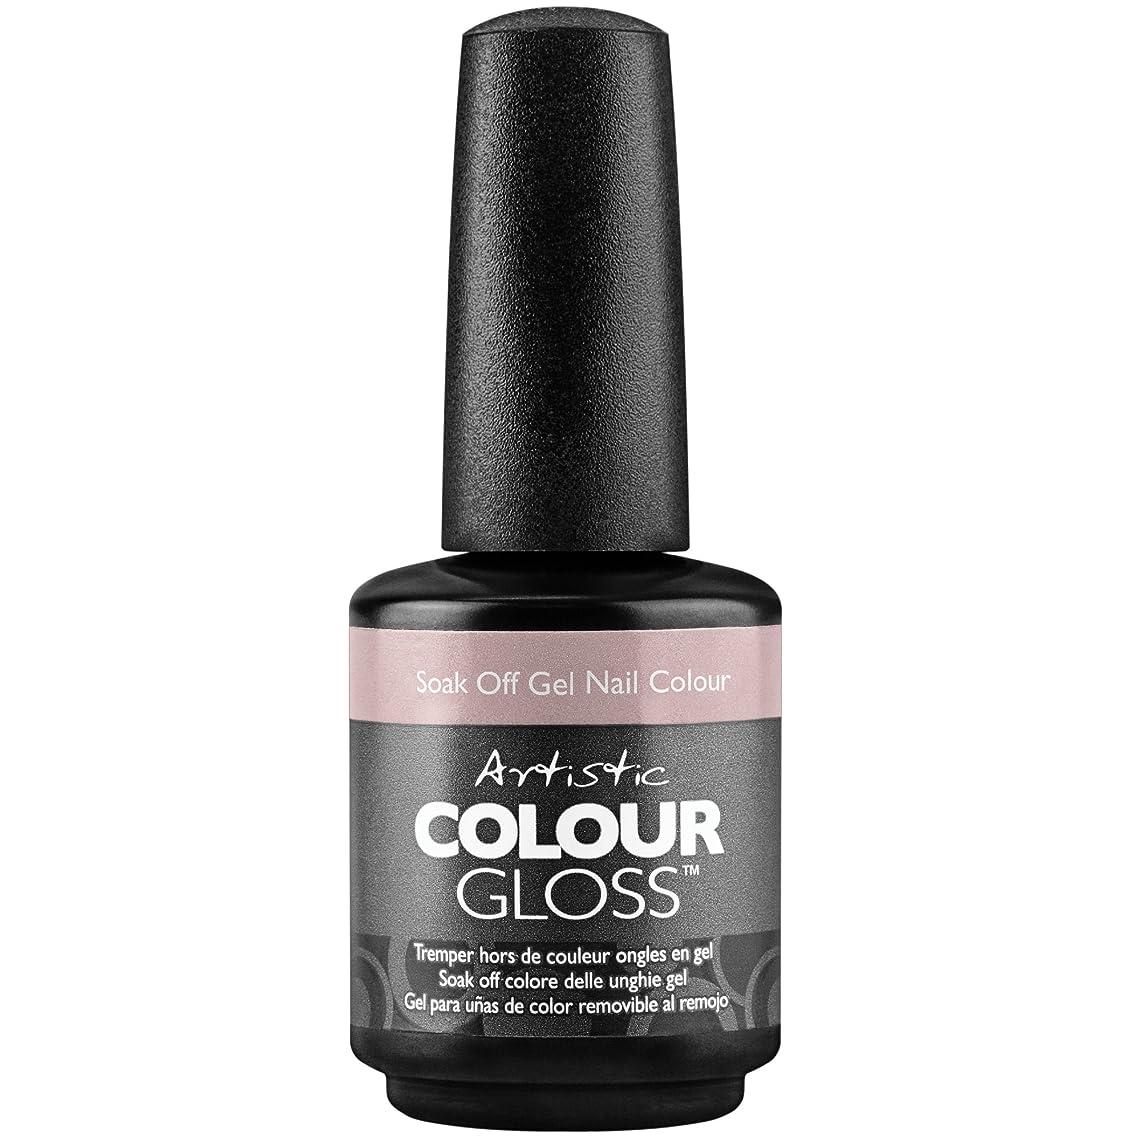 クリーク数学者手数料Artistic Colour Gloss - Mud, Sweat, & Tears Collection - In My Zone - 15 mL / 0.5 oz